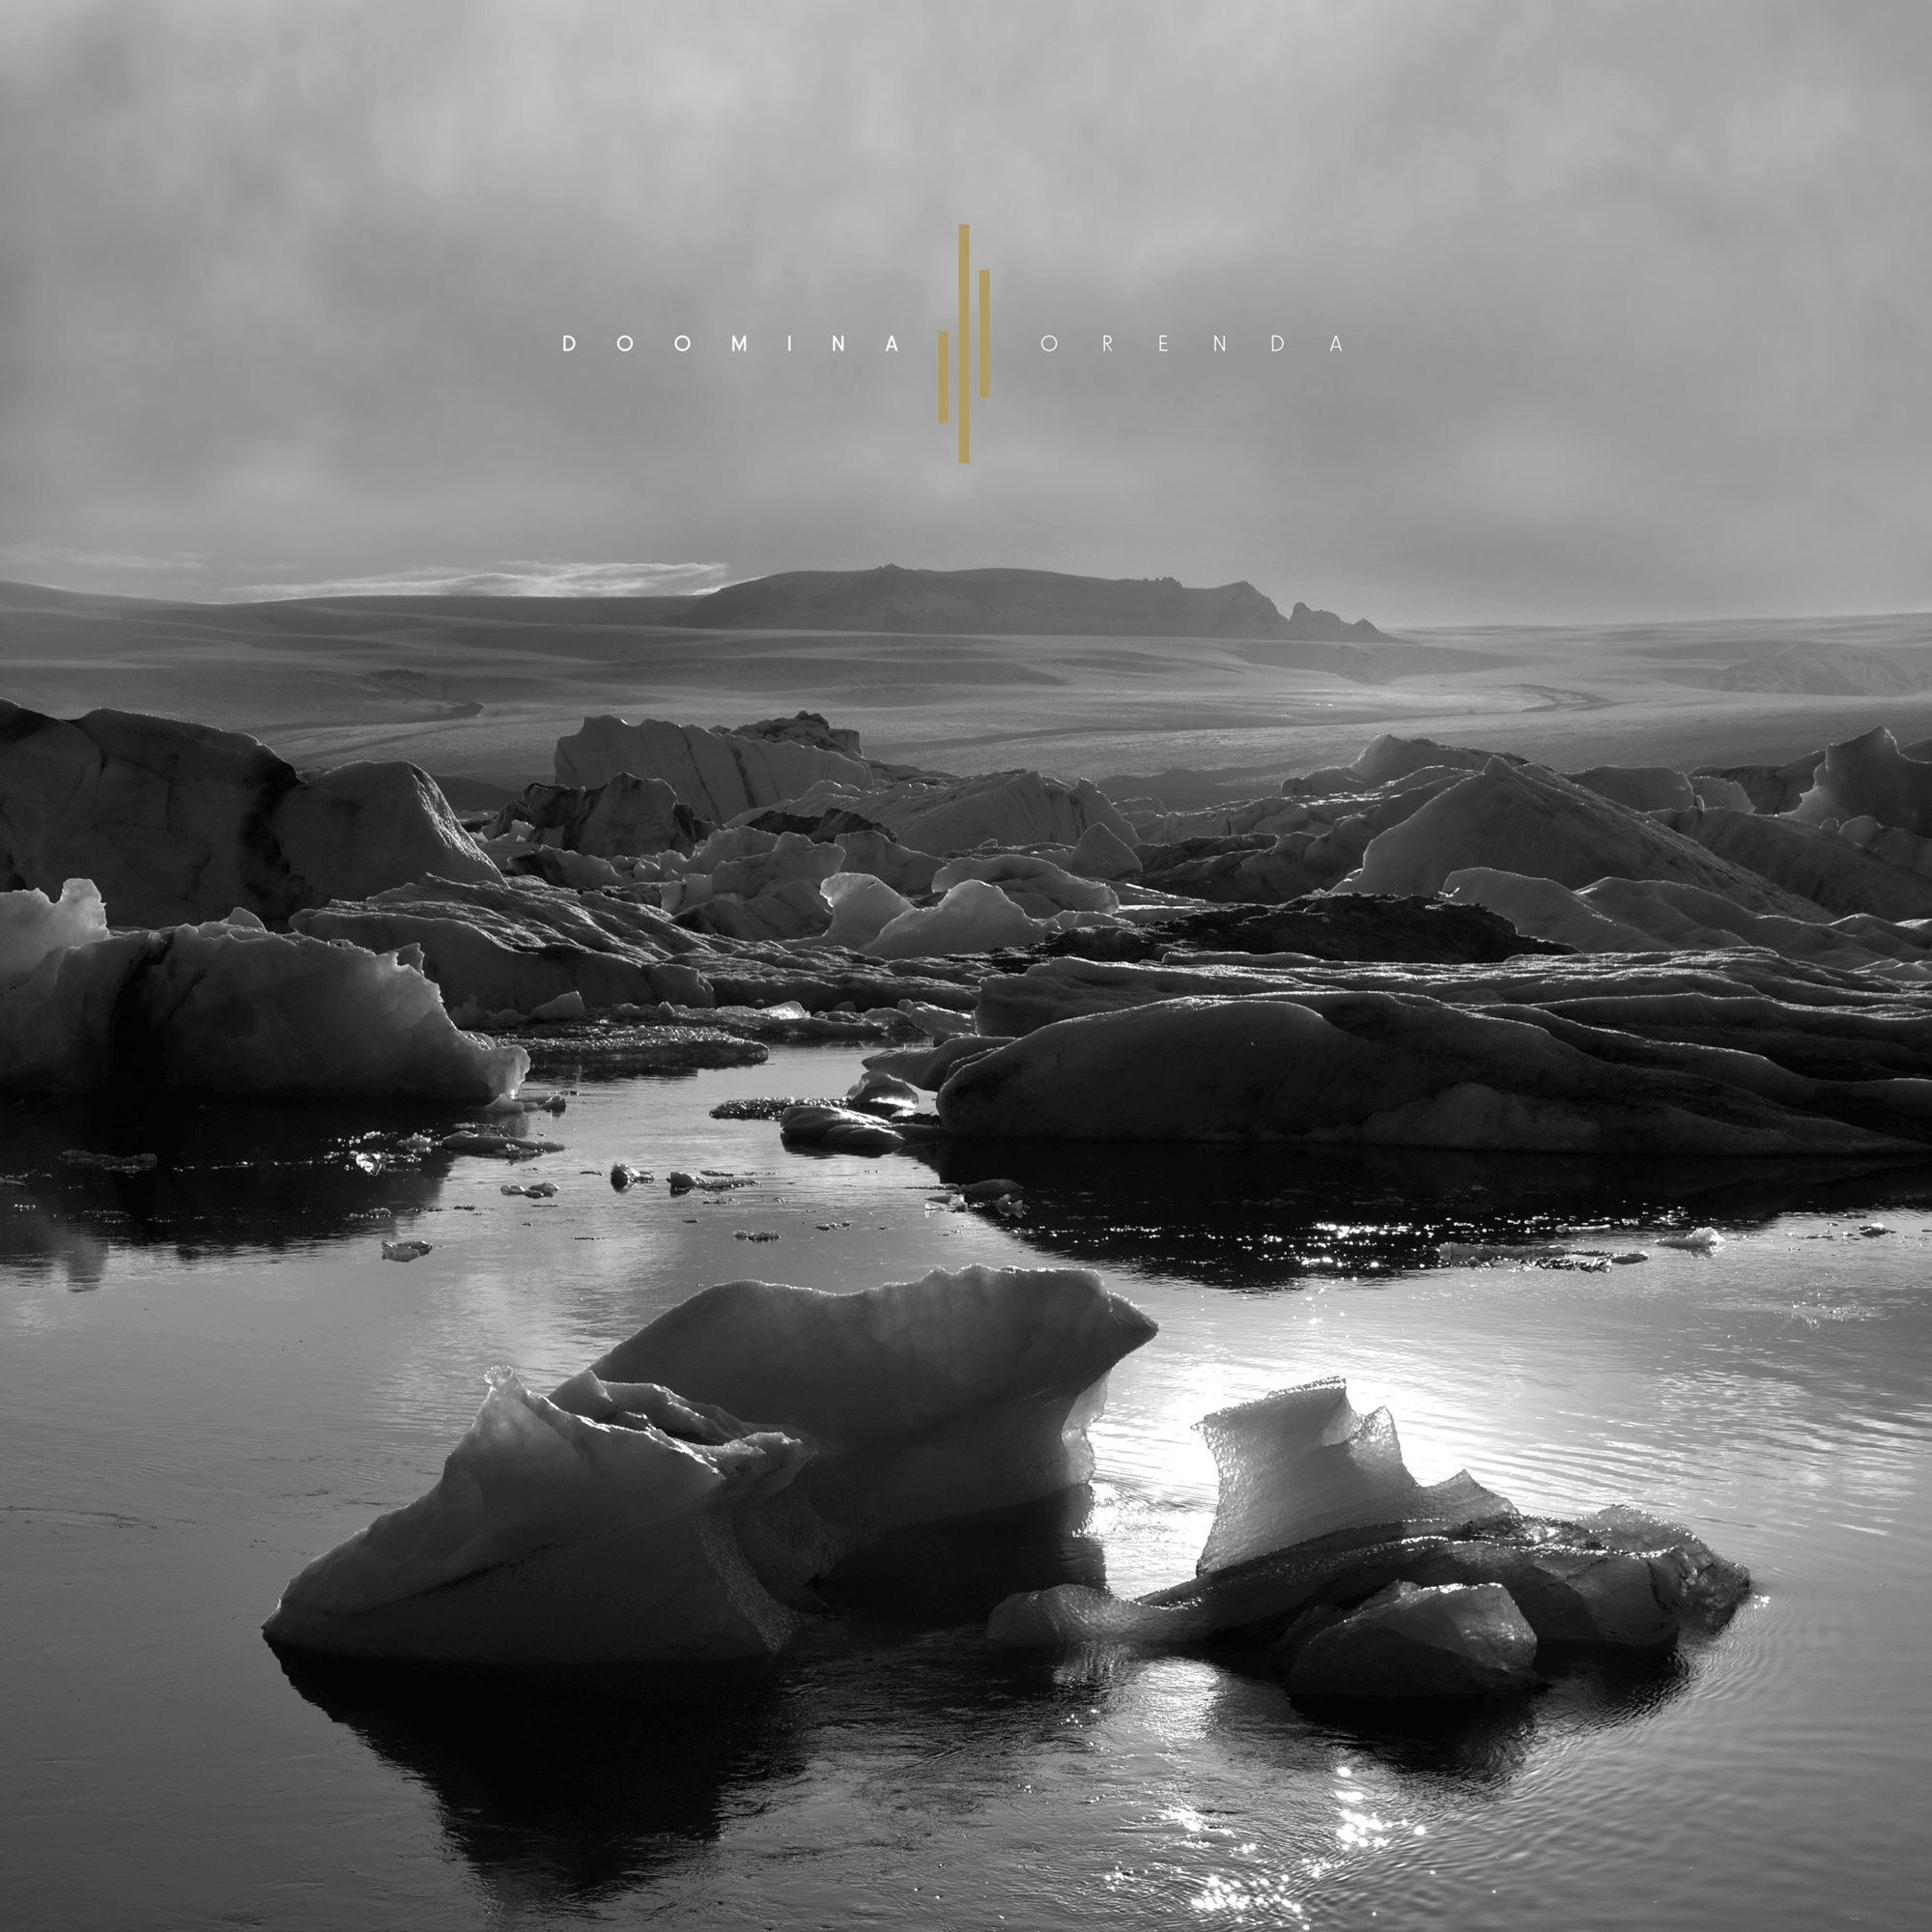 Doomina Band Music LP Cover Orenda Album